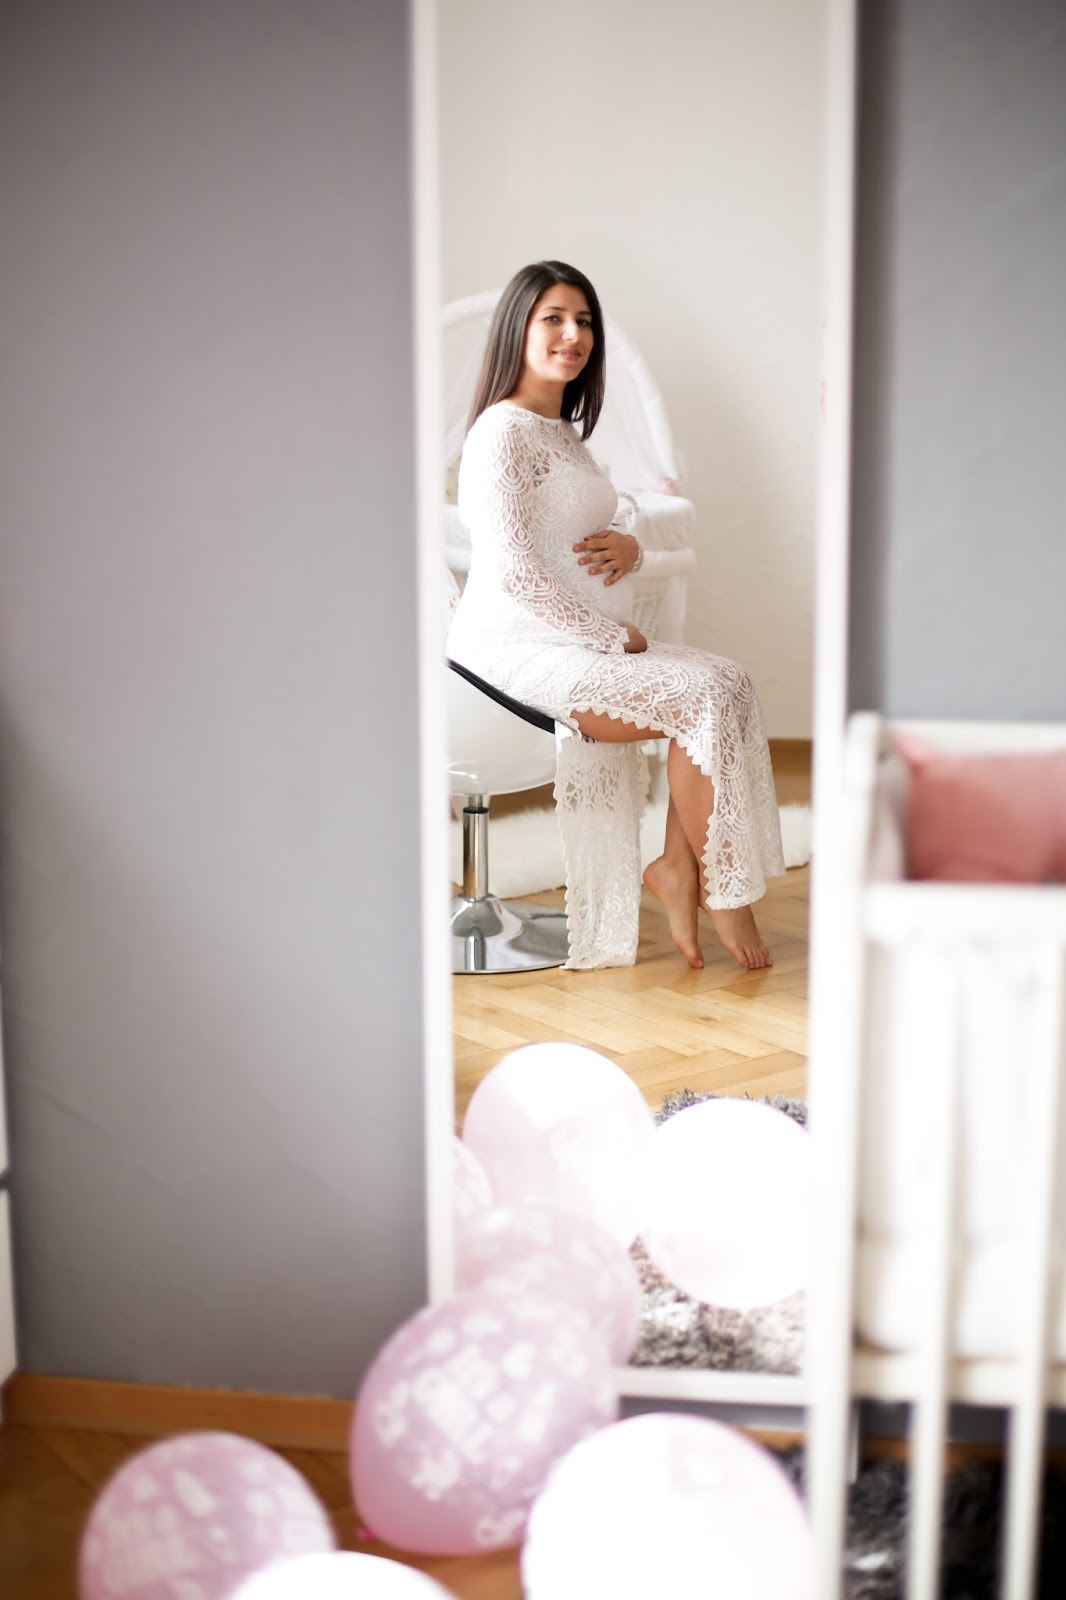 en güzel kıyafetler açık renkli özellikle beyaz elbiseler oluyor bu tarz çekimlerde